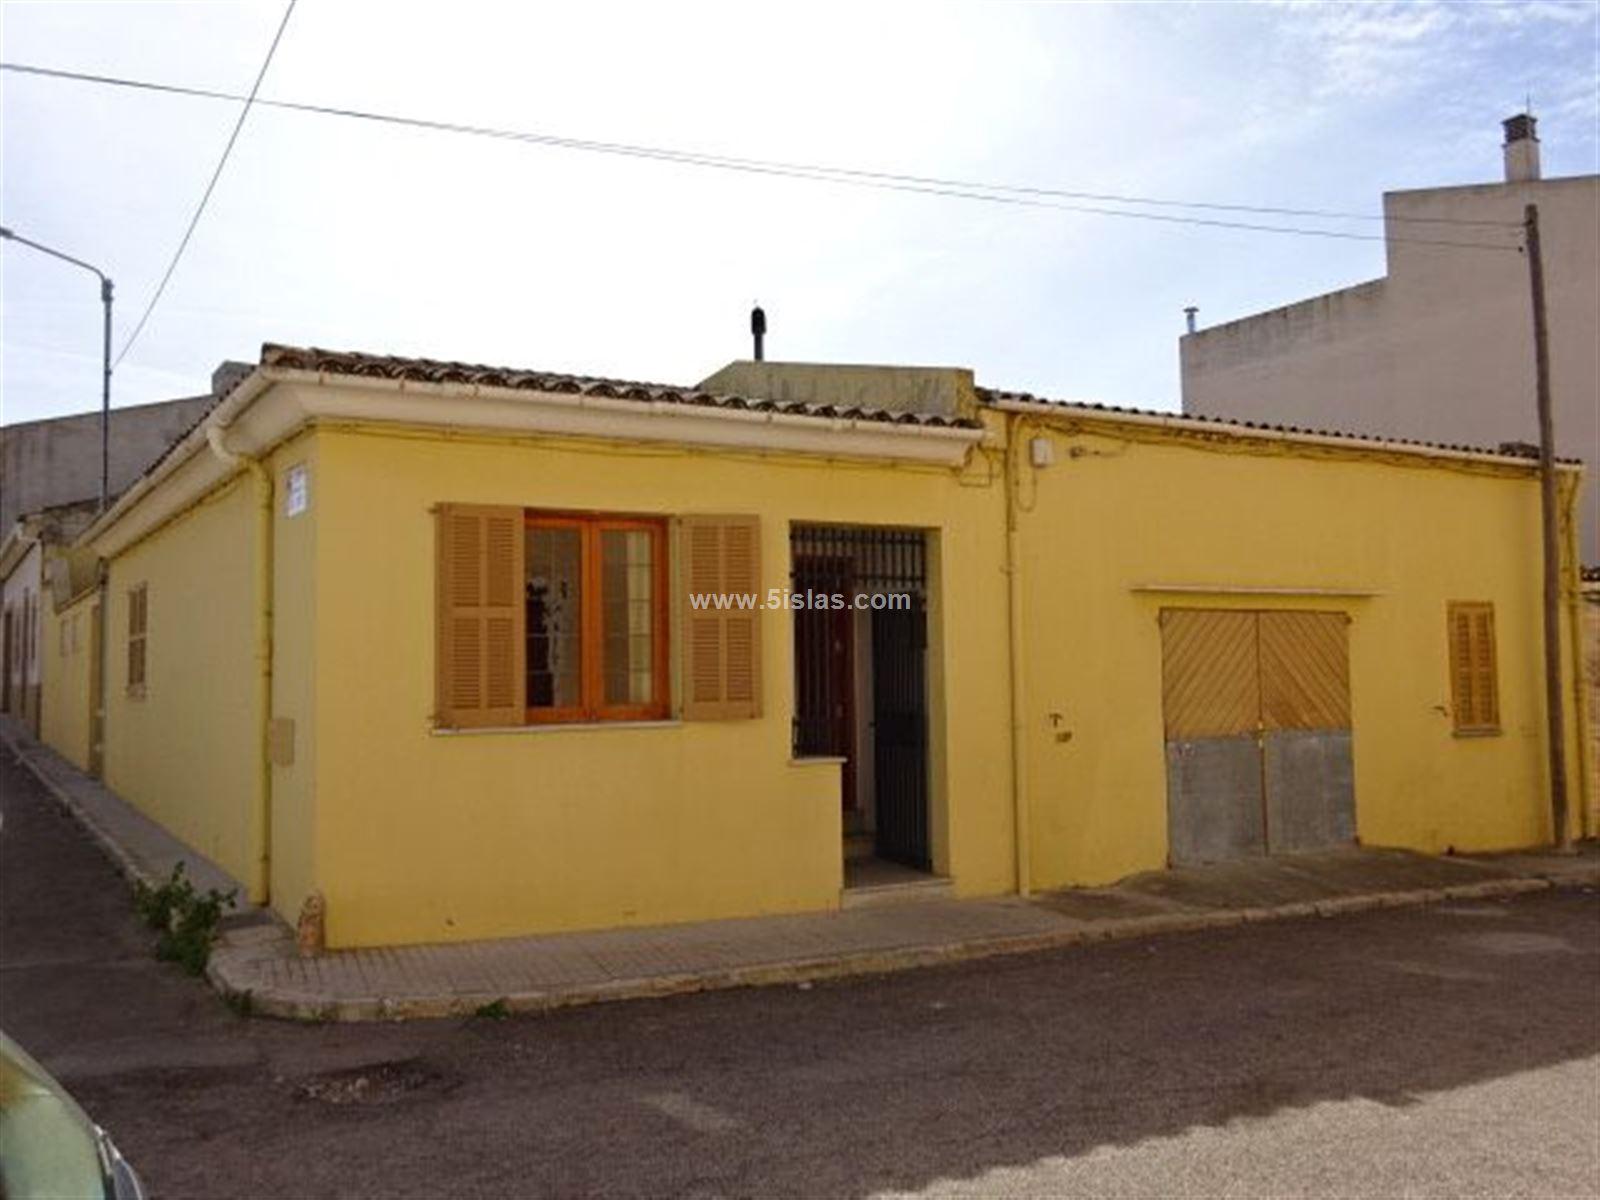 encantadora casa en Muro